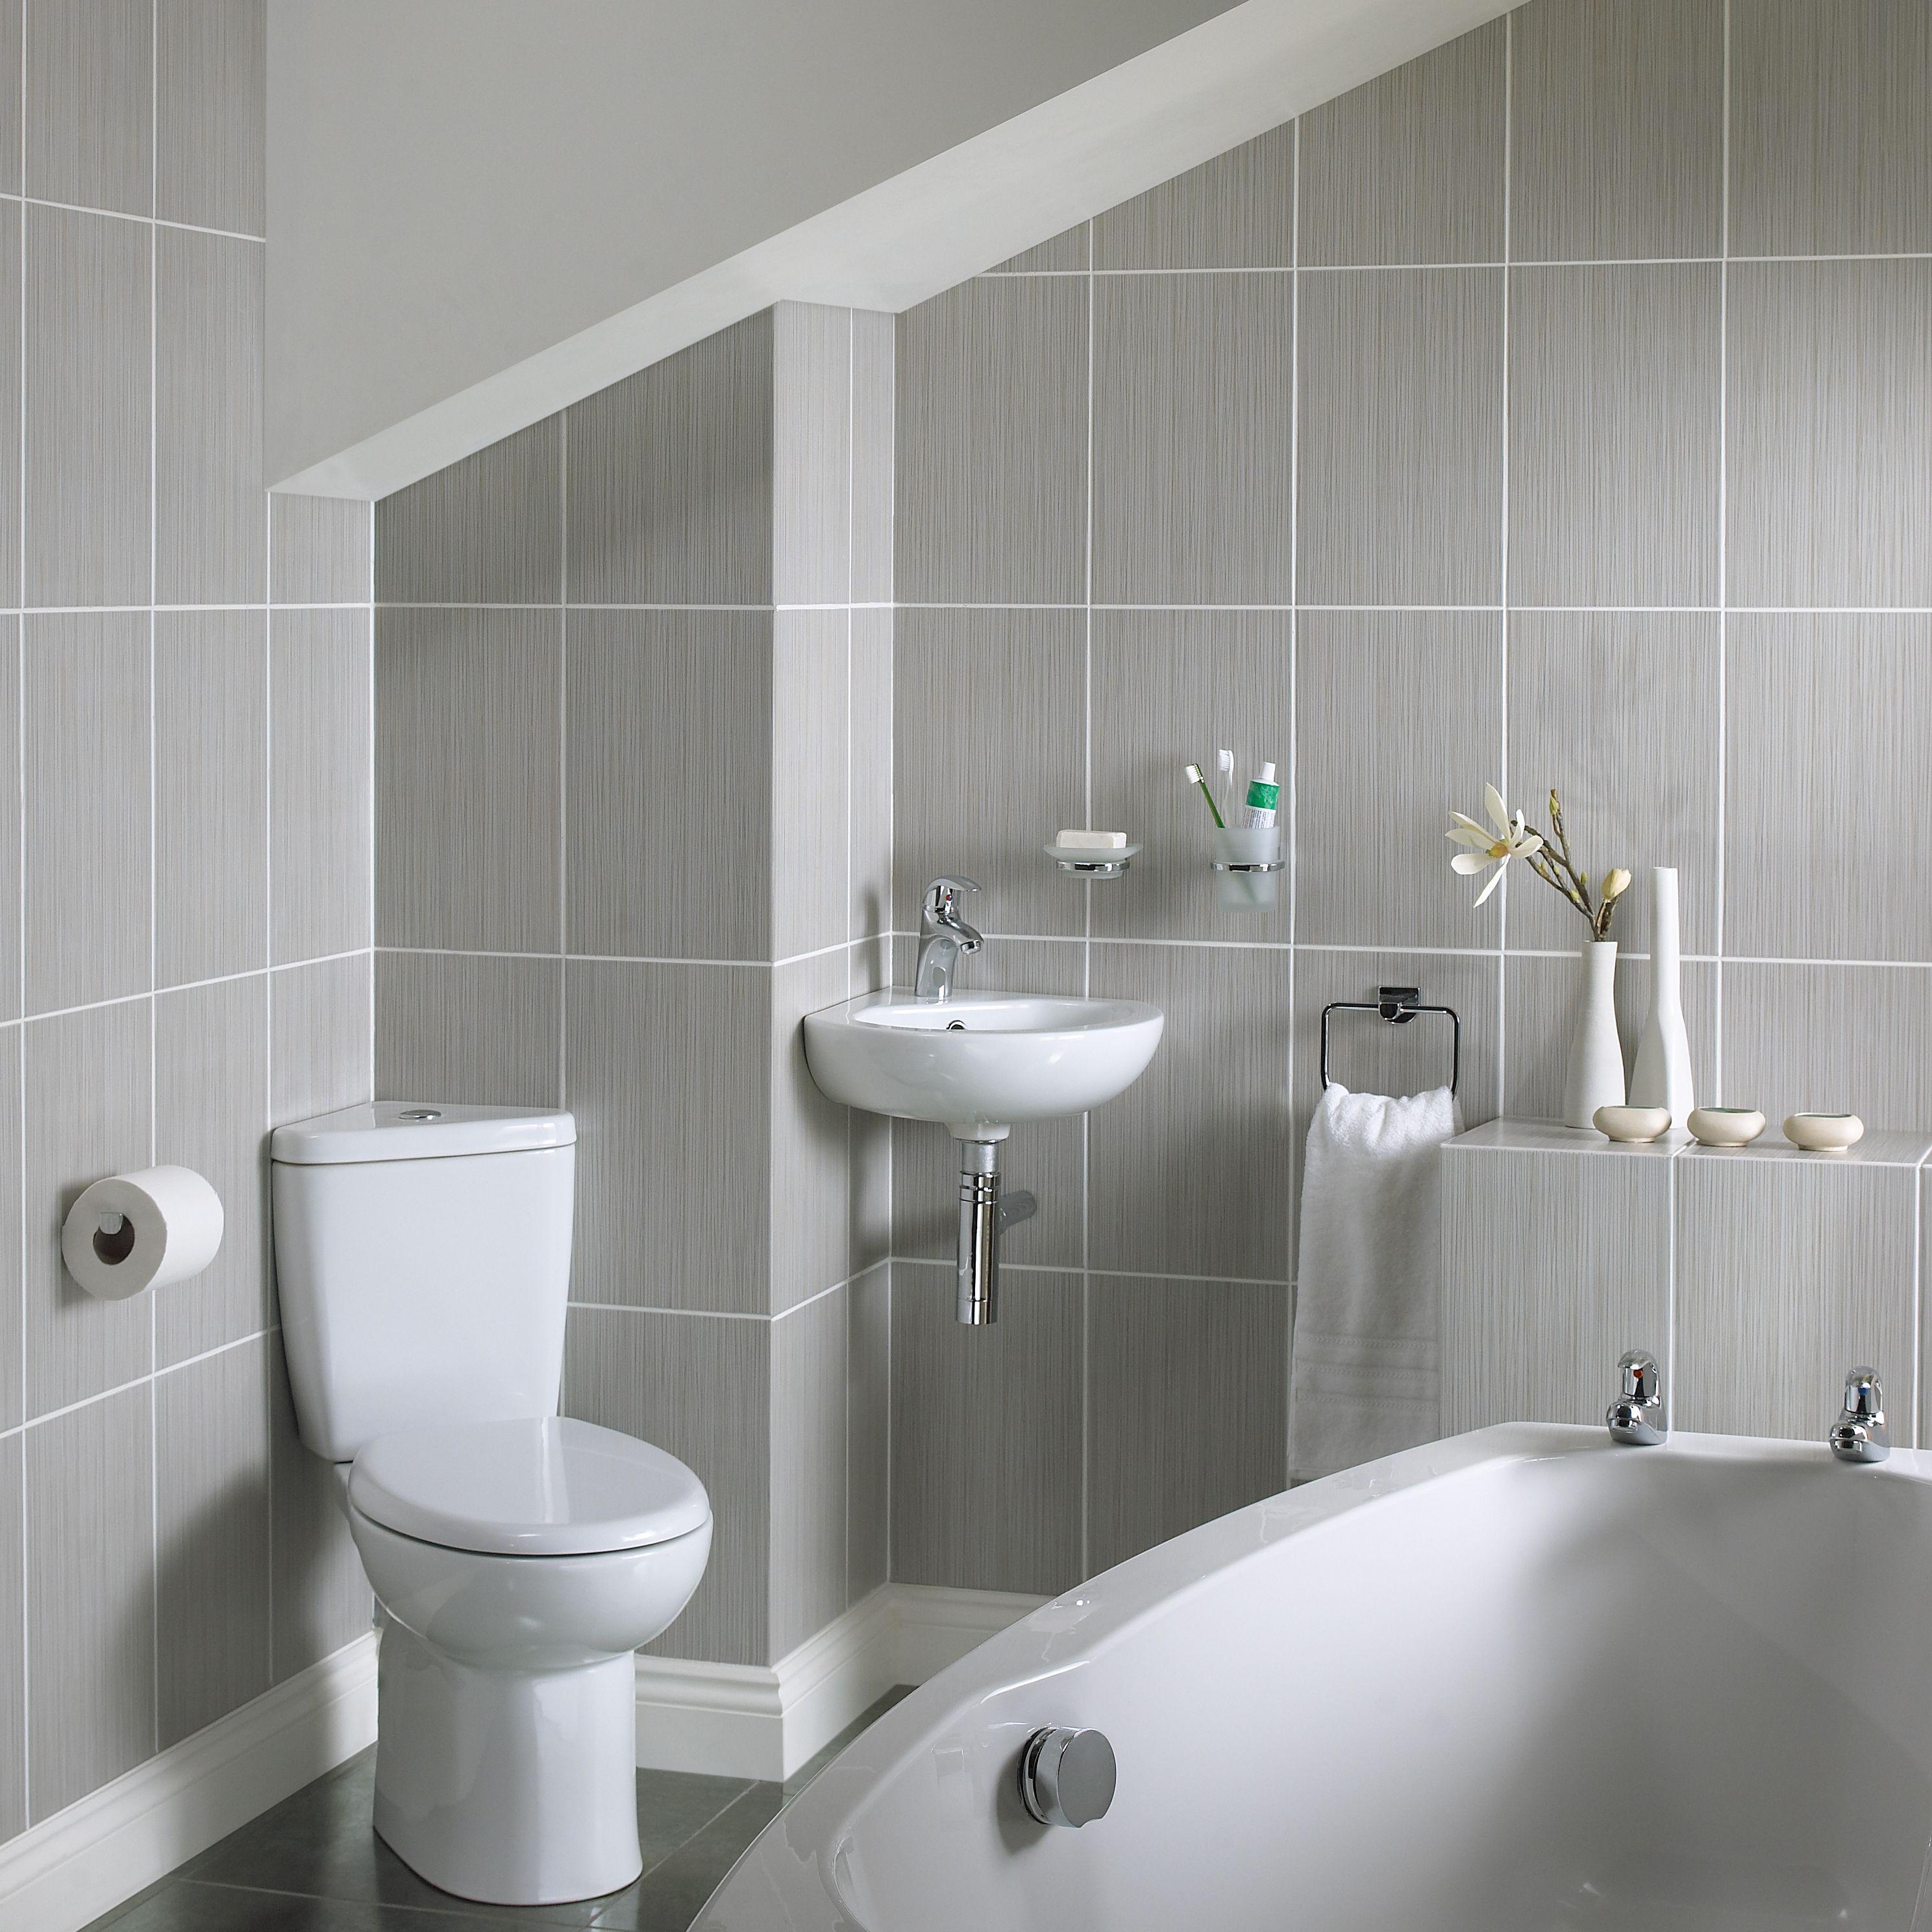 Compact family bathroom Small bathroom ideas